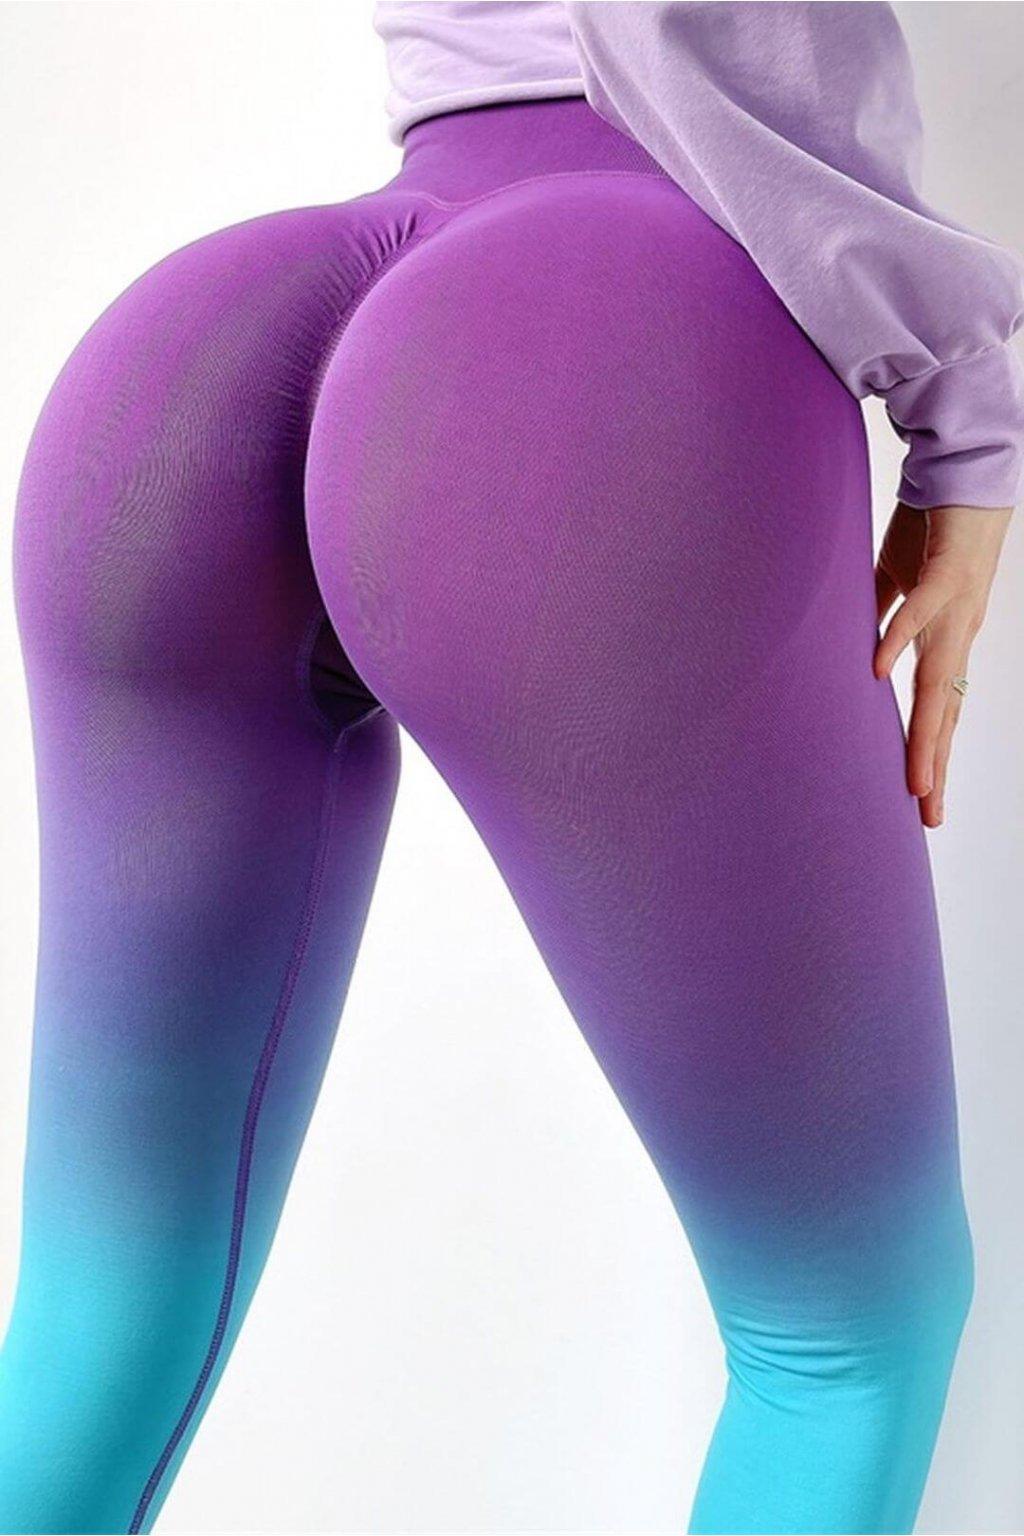 Dámské legíny Infinity Ombre Blue Purple